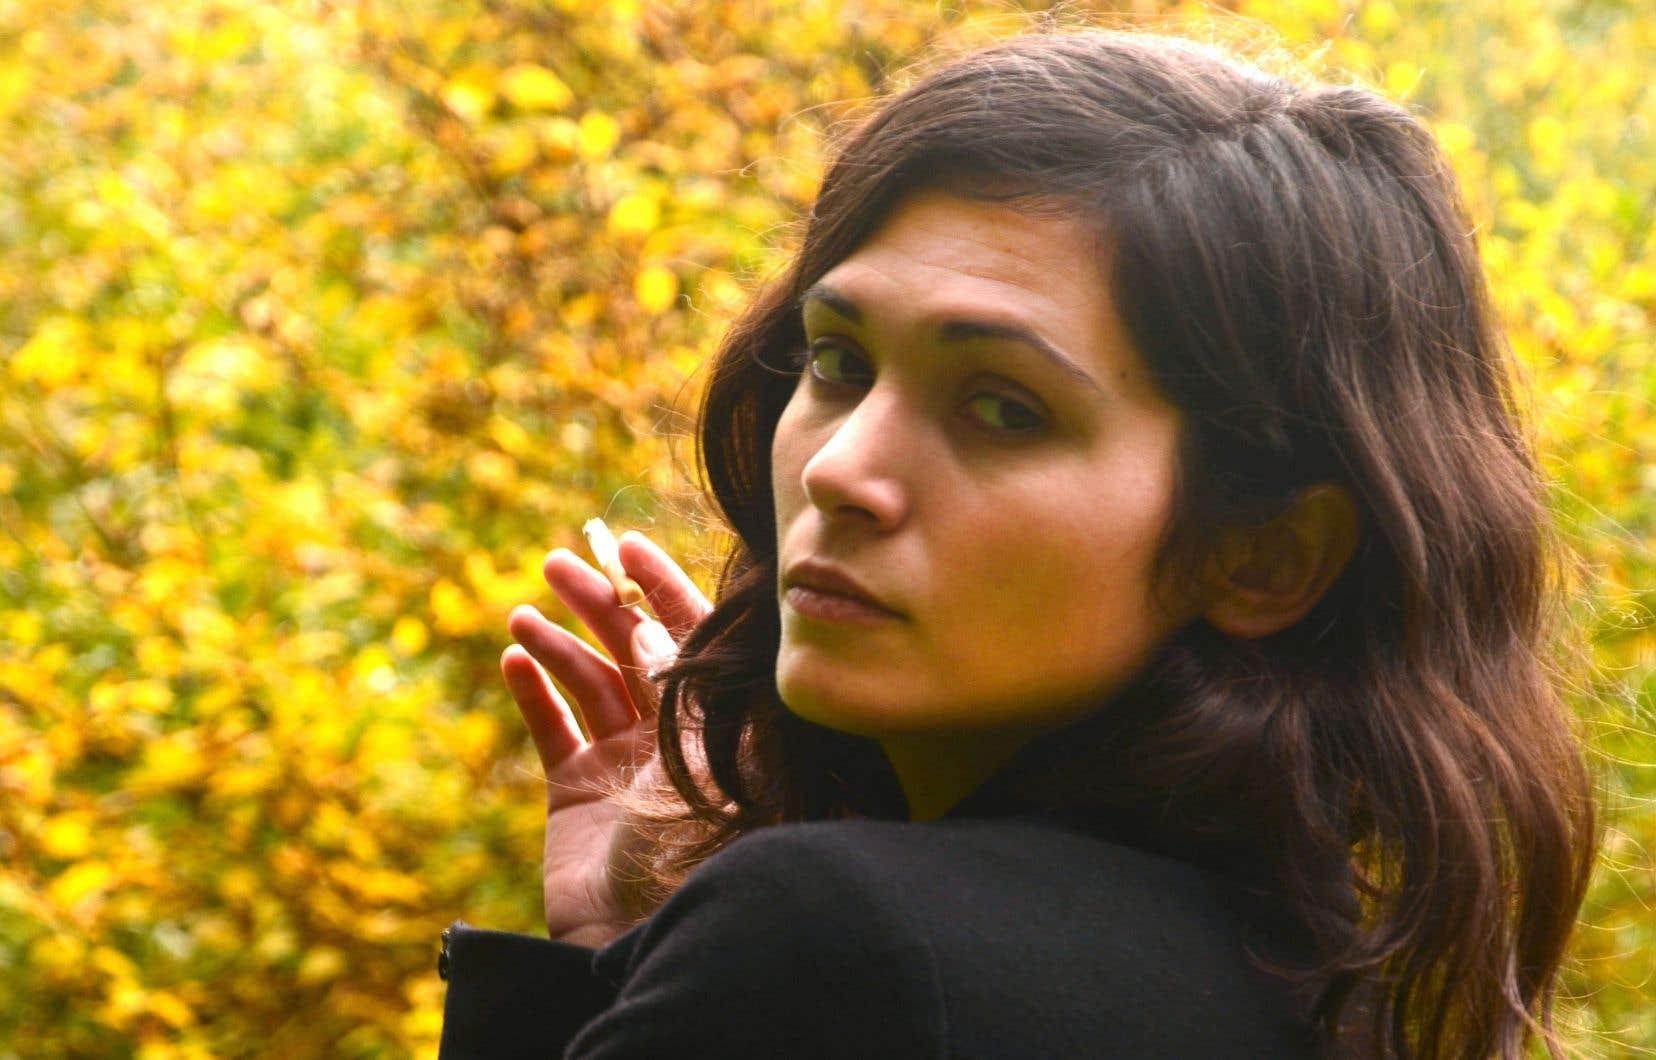 Le dernier roman de Julia Kerninon offre un univers qu'il fait bon côtoyer, où s'incarnent des personnages forts, pétris de paradoxes et de beautés.